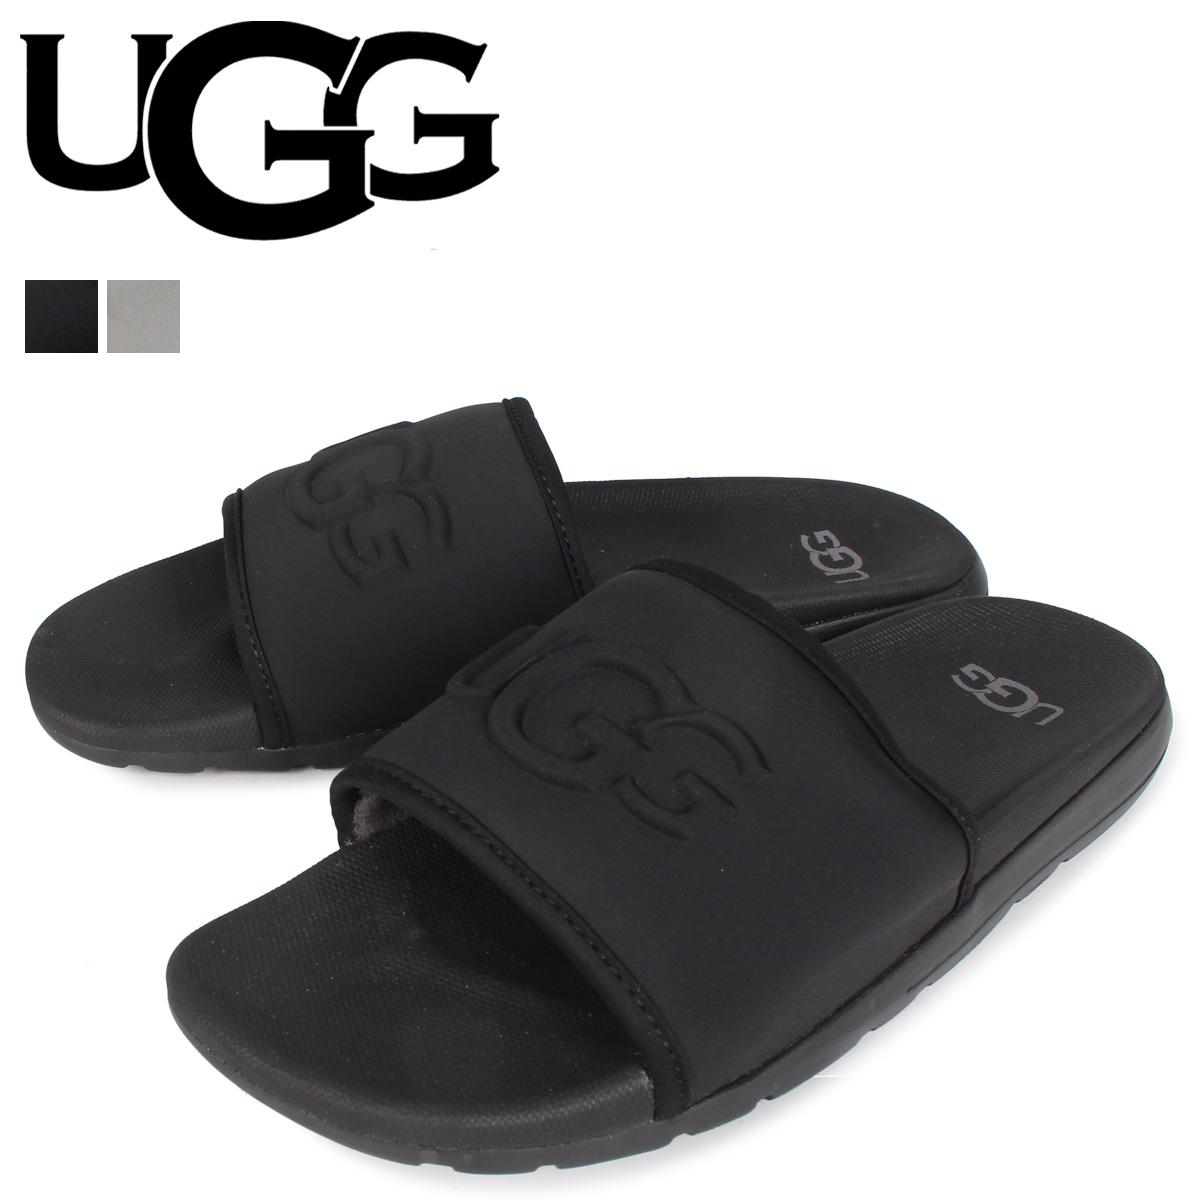 UGG アグ サンダル スライドサンダル ザビエル グラフィック スライド メンズ XAVIER GRAPHIC SLIDE ブラック グレー 黒 1102709 [4/10 新入荷]